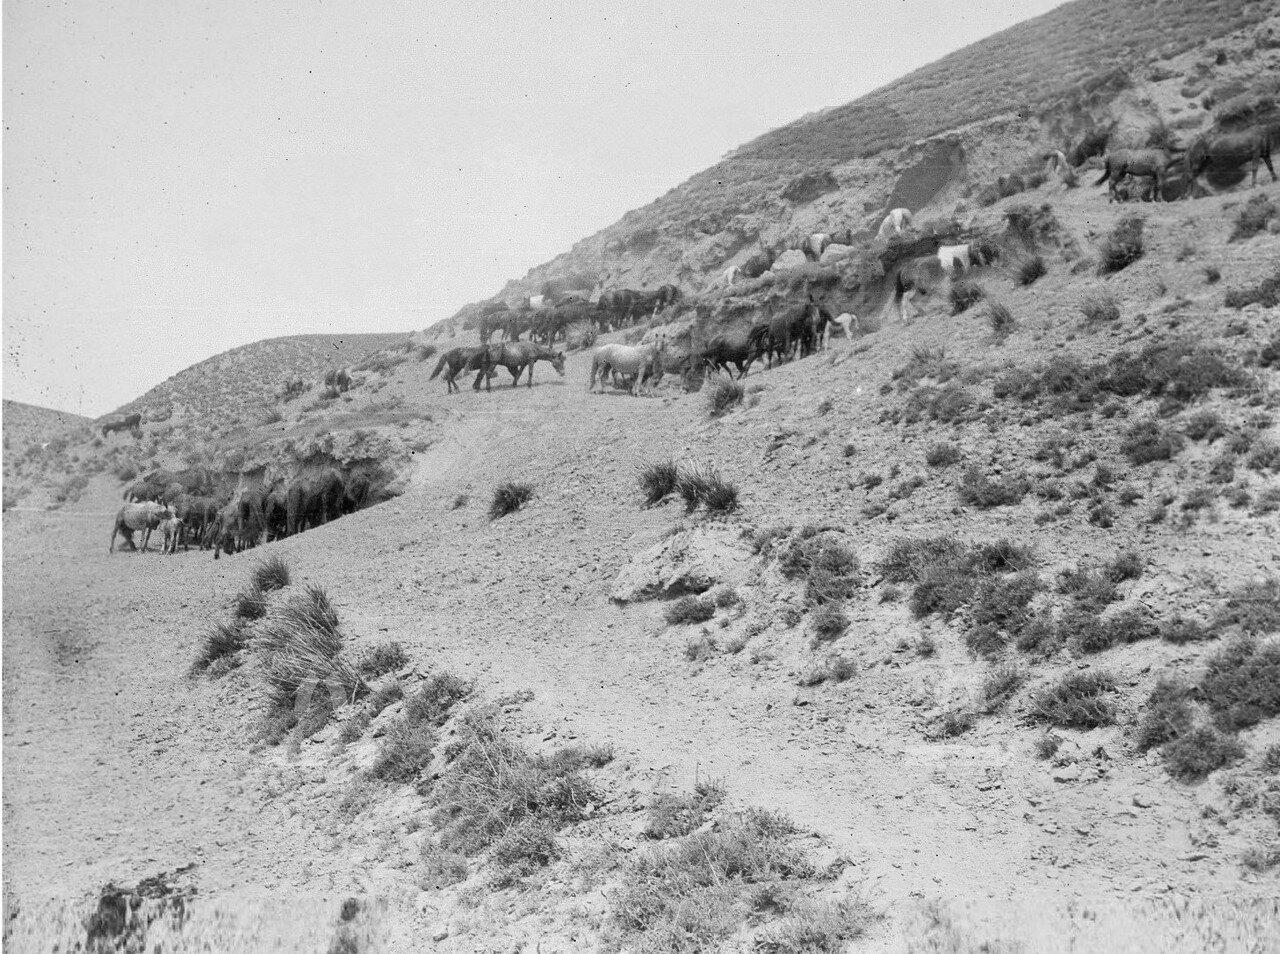 Окрестности Жыргалана. Лошади в полуденный зной на склоне холма